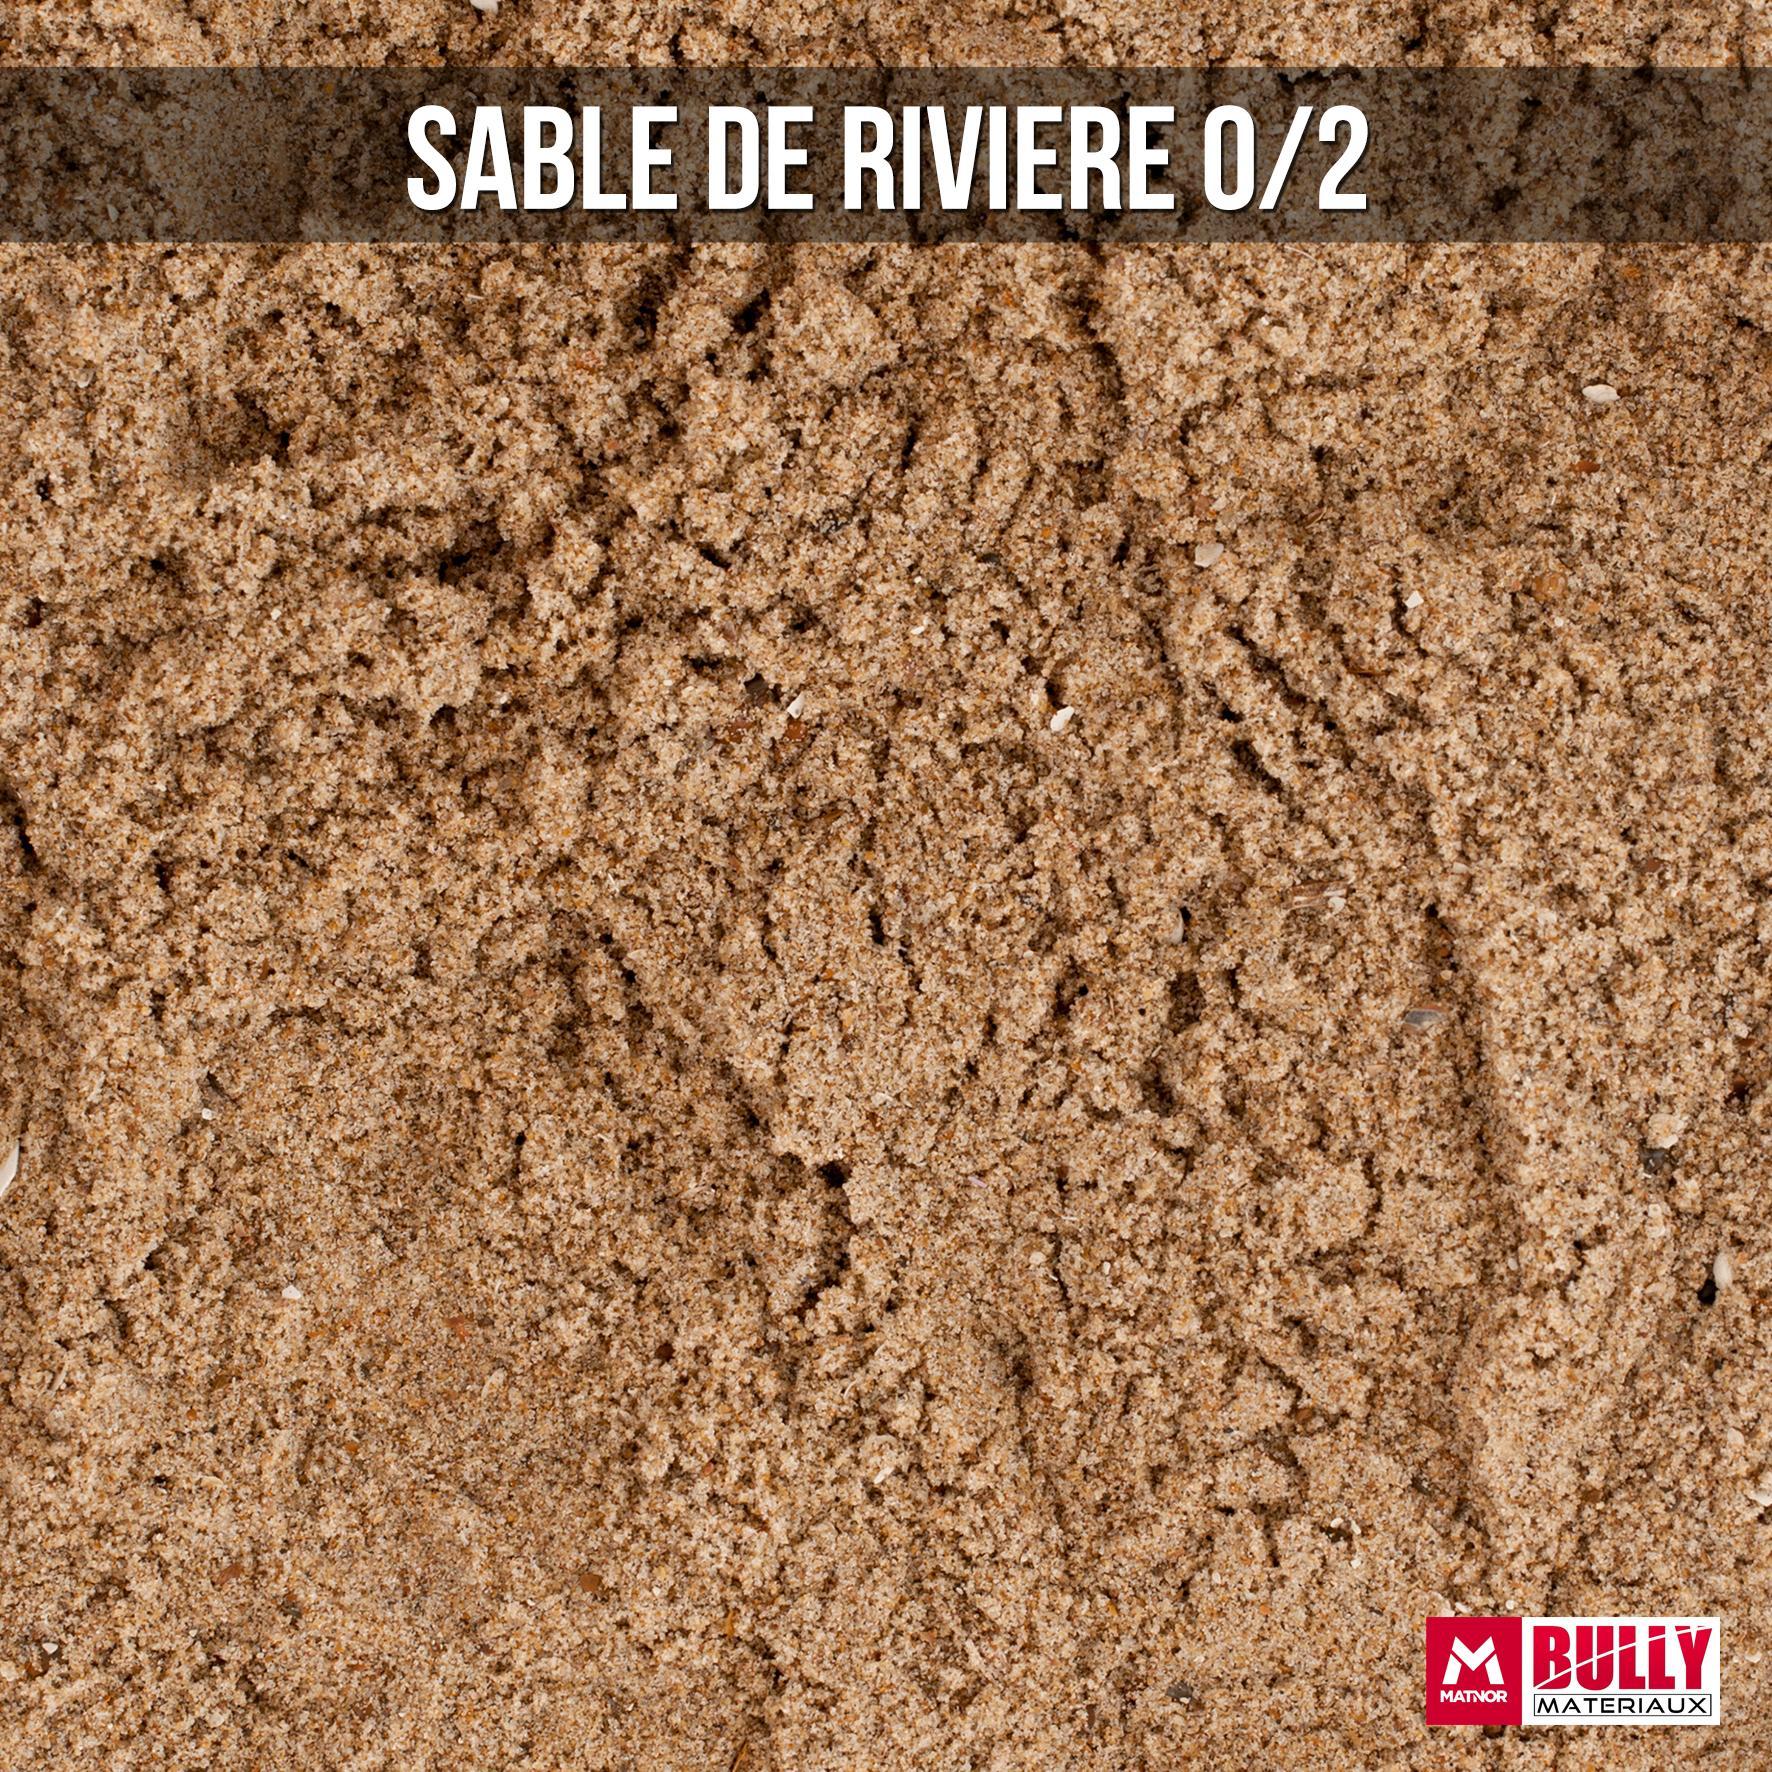 Sable de riviere 0 2 1